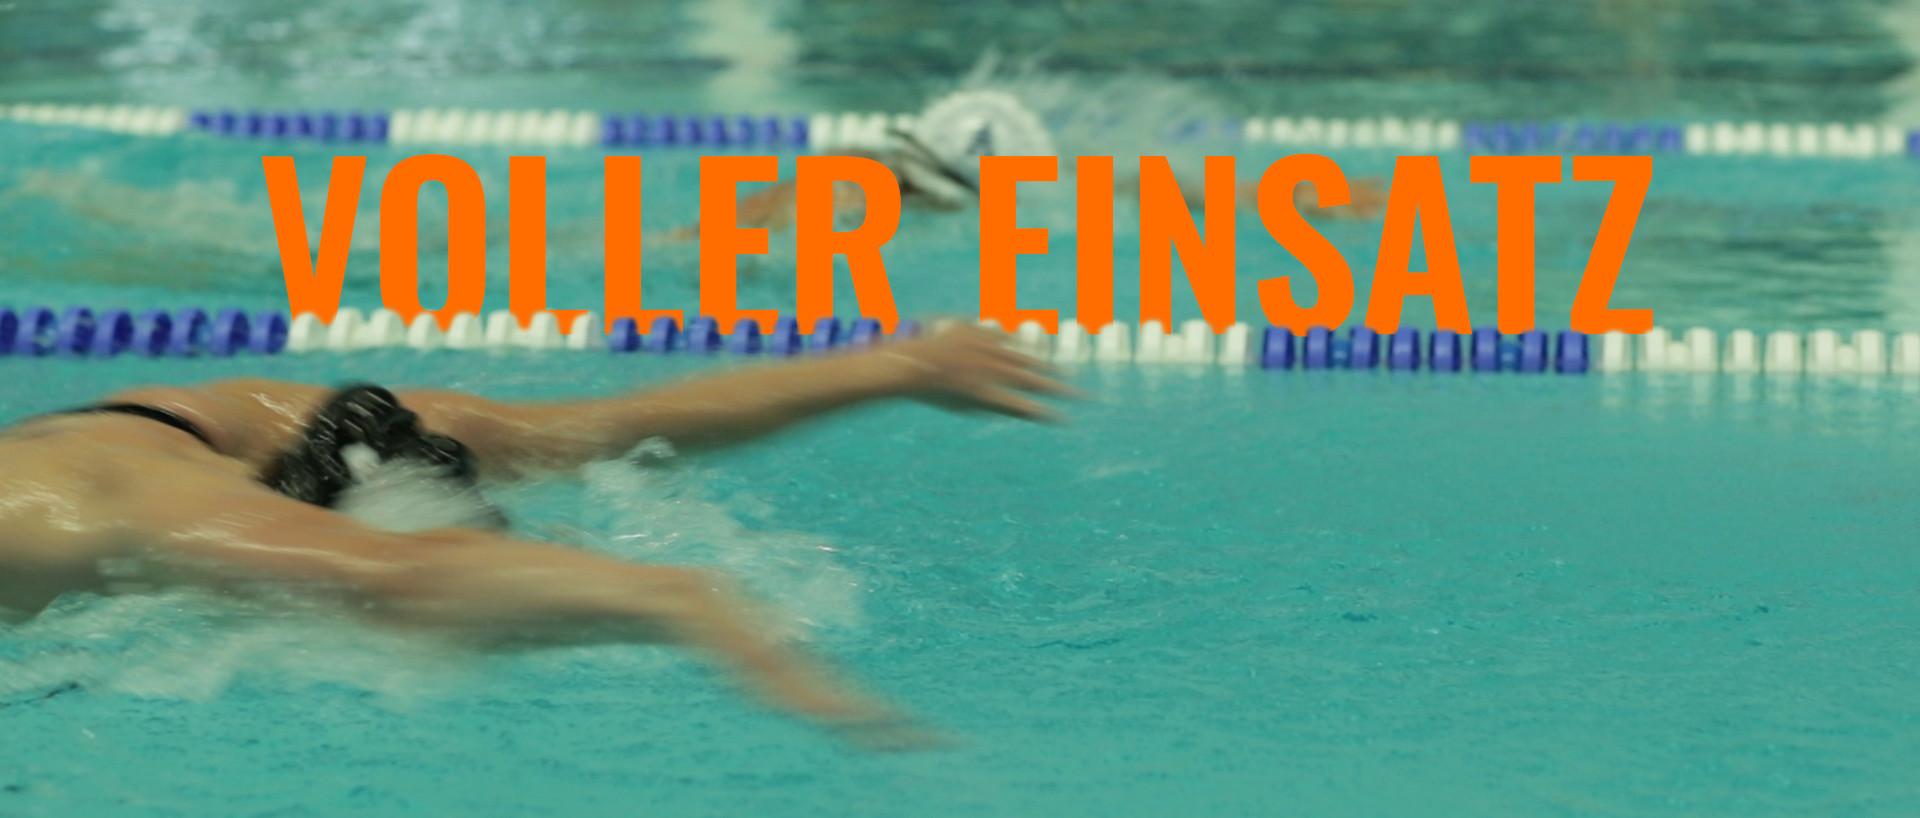 schwimmer_text